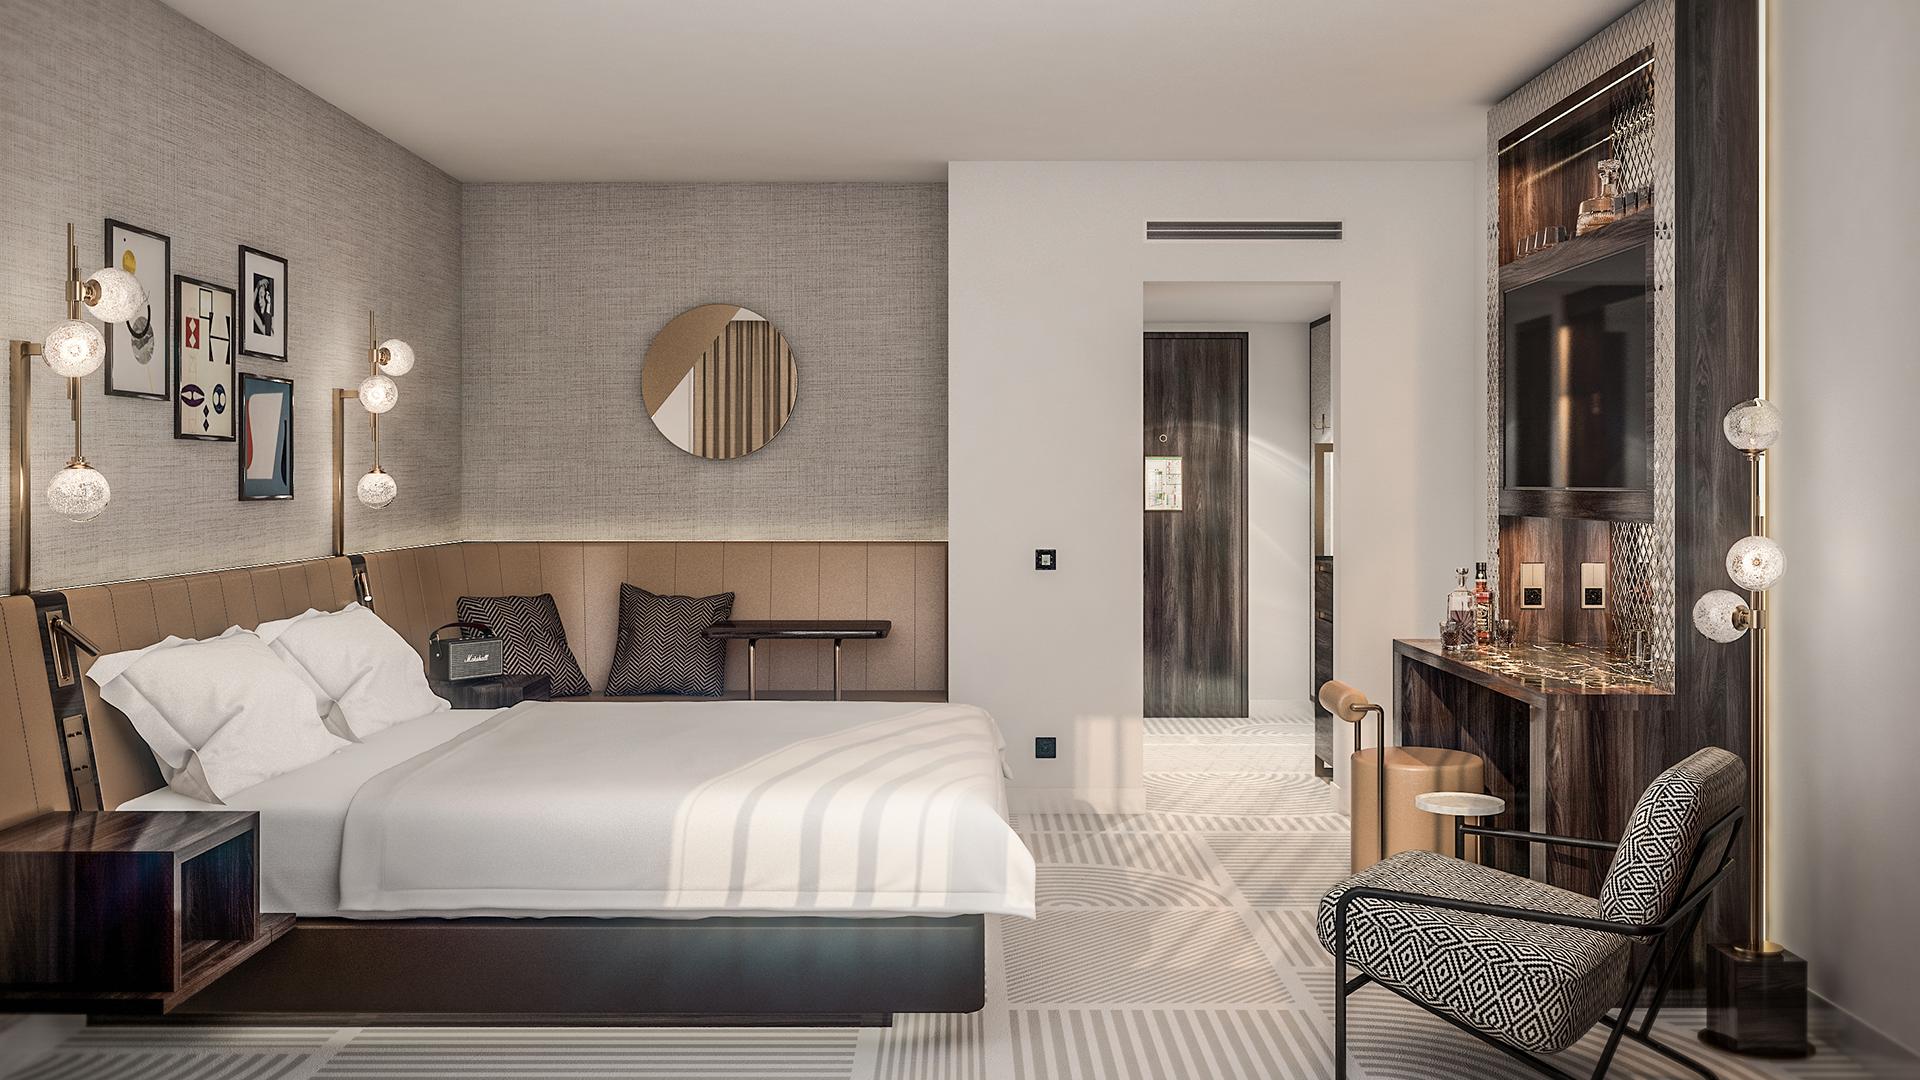 Superior Room at Neues Schloss Privat Hotel Zürich